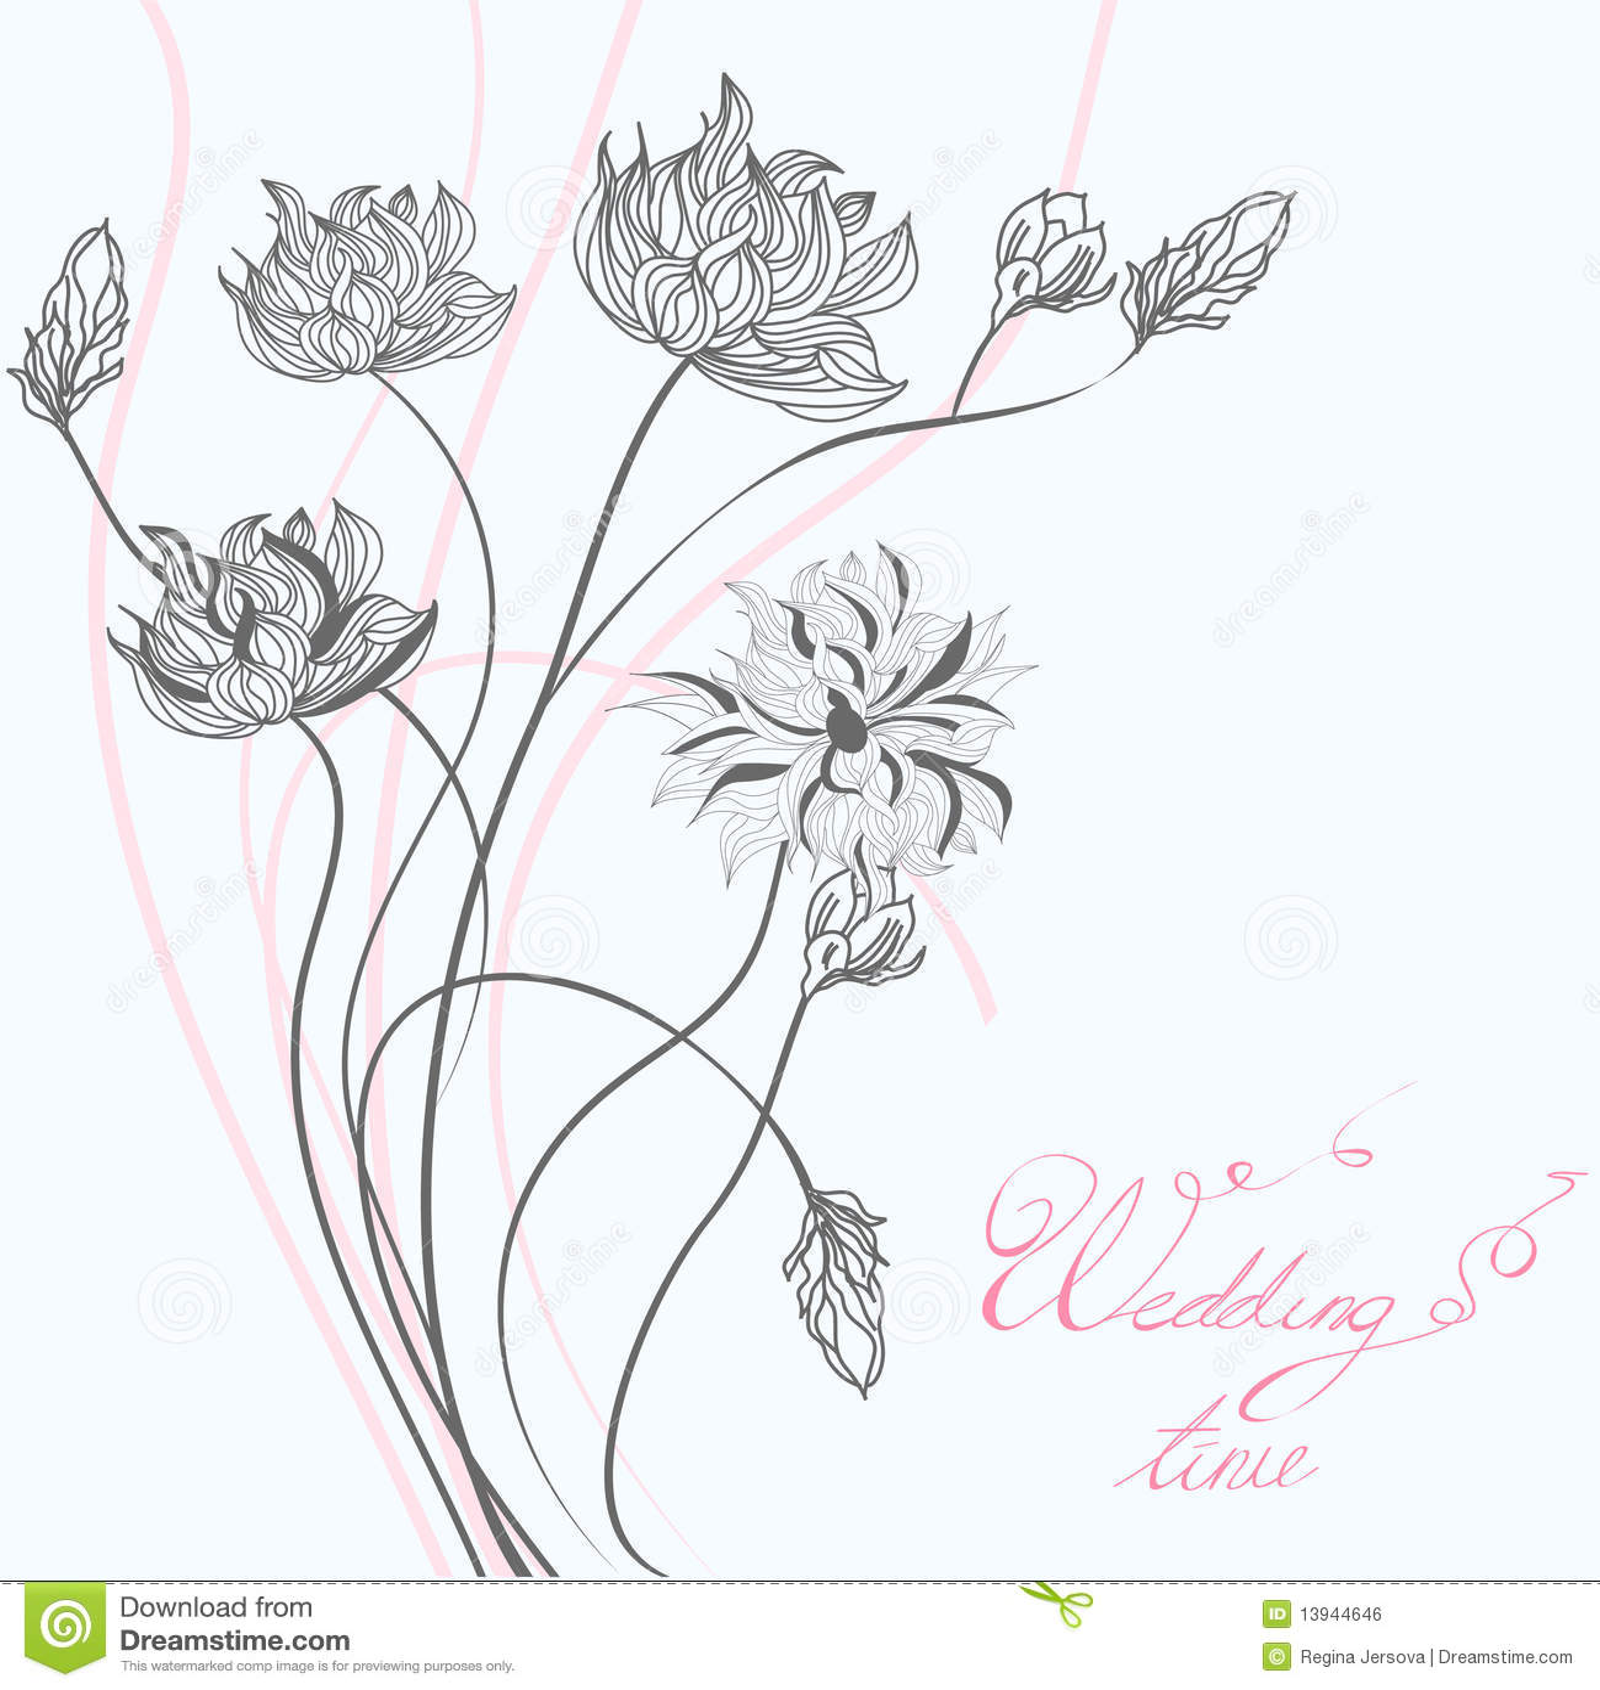 Wedding Congratulations Card Template Eczalinf